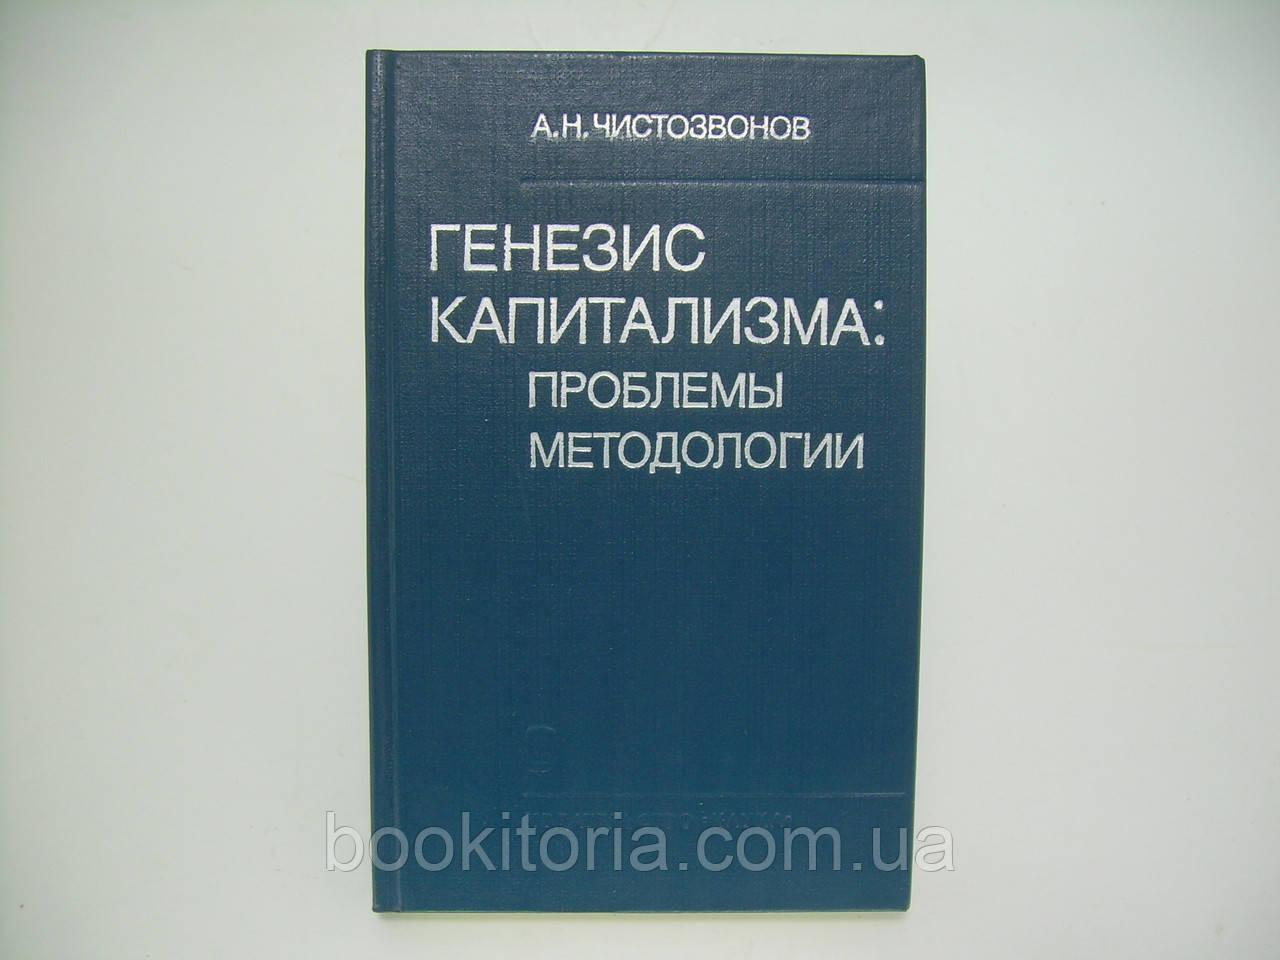 Чистозвонов А.Н. Генезис капитализма: проблемы методологии (б/у).